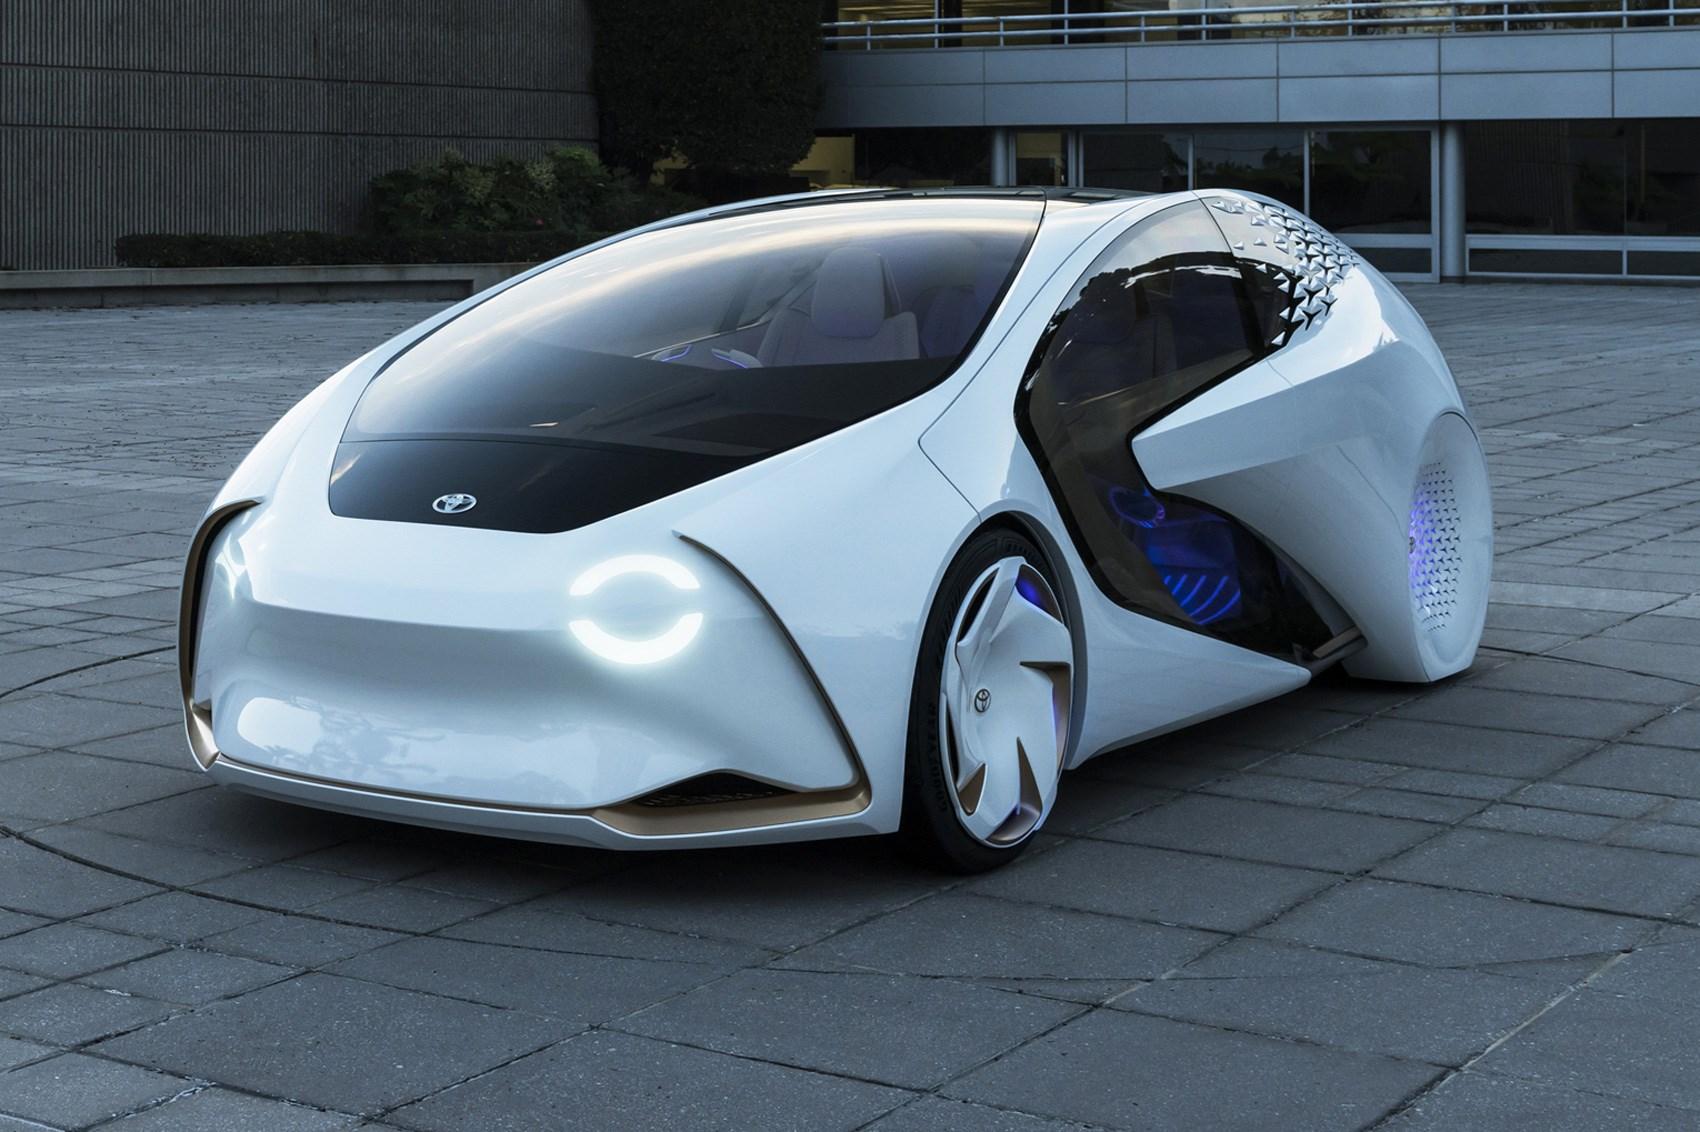 Toyota commercialisera une voiture électrique avec batterie solide d'ici 2022